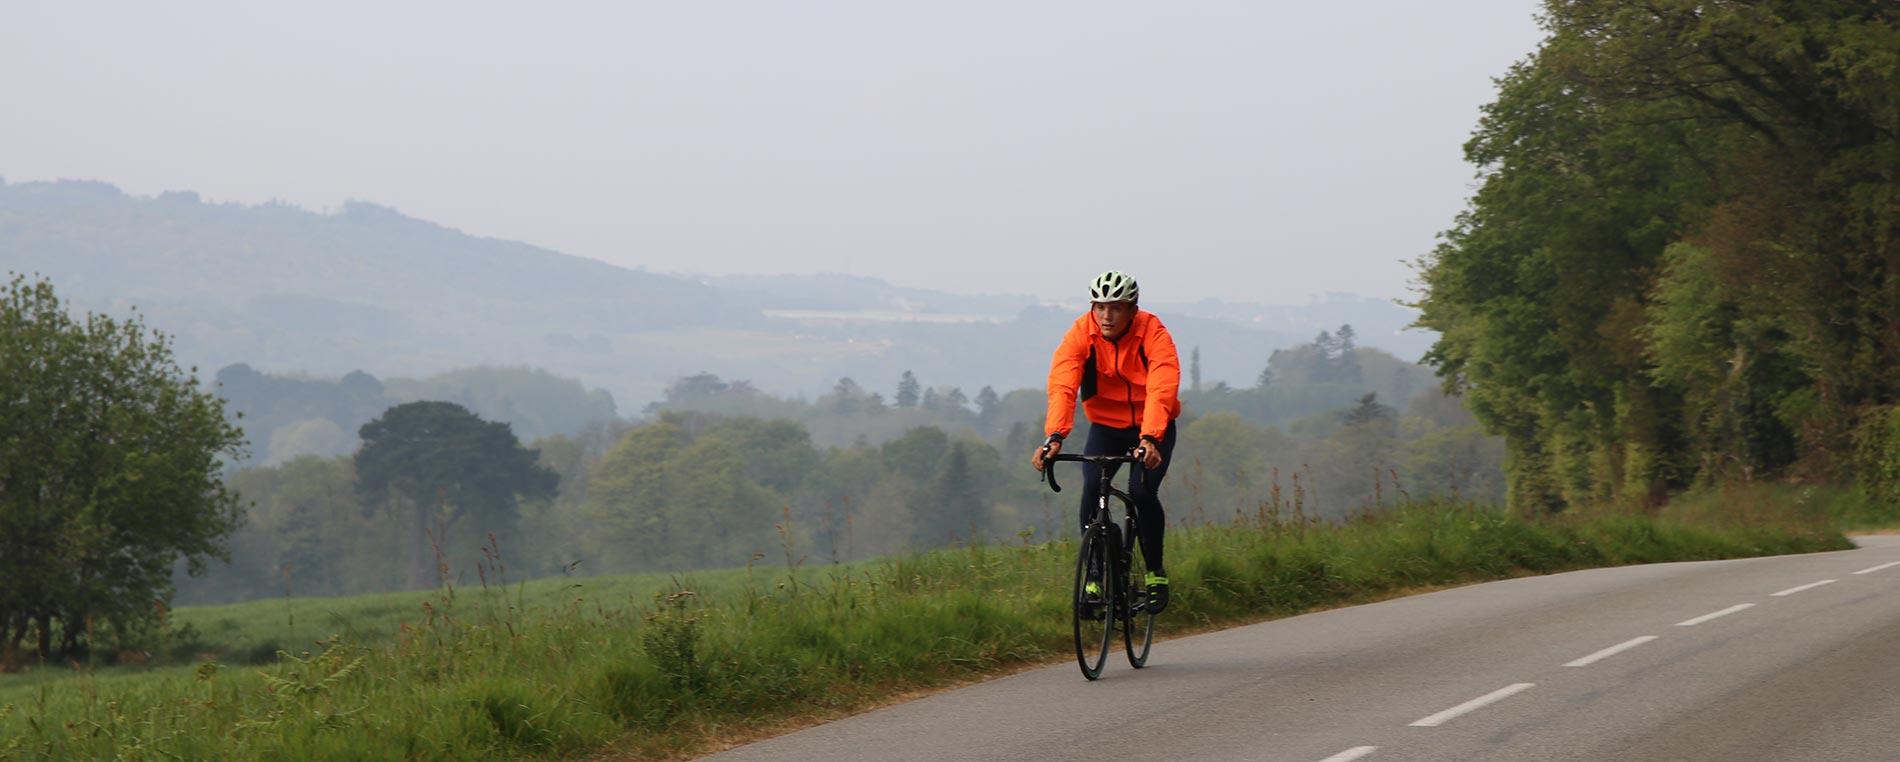 Alexandre Kowalski : le vélo dans la préparation physique